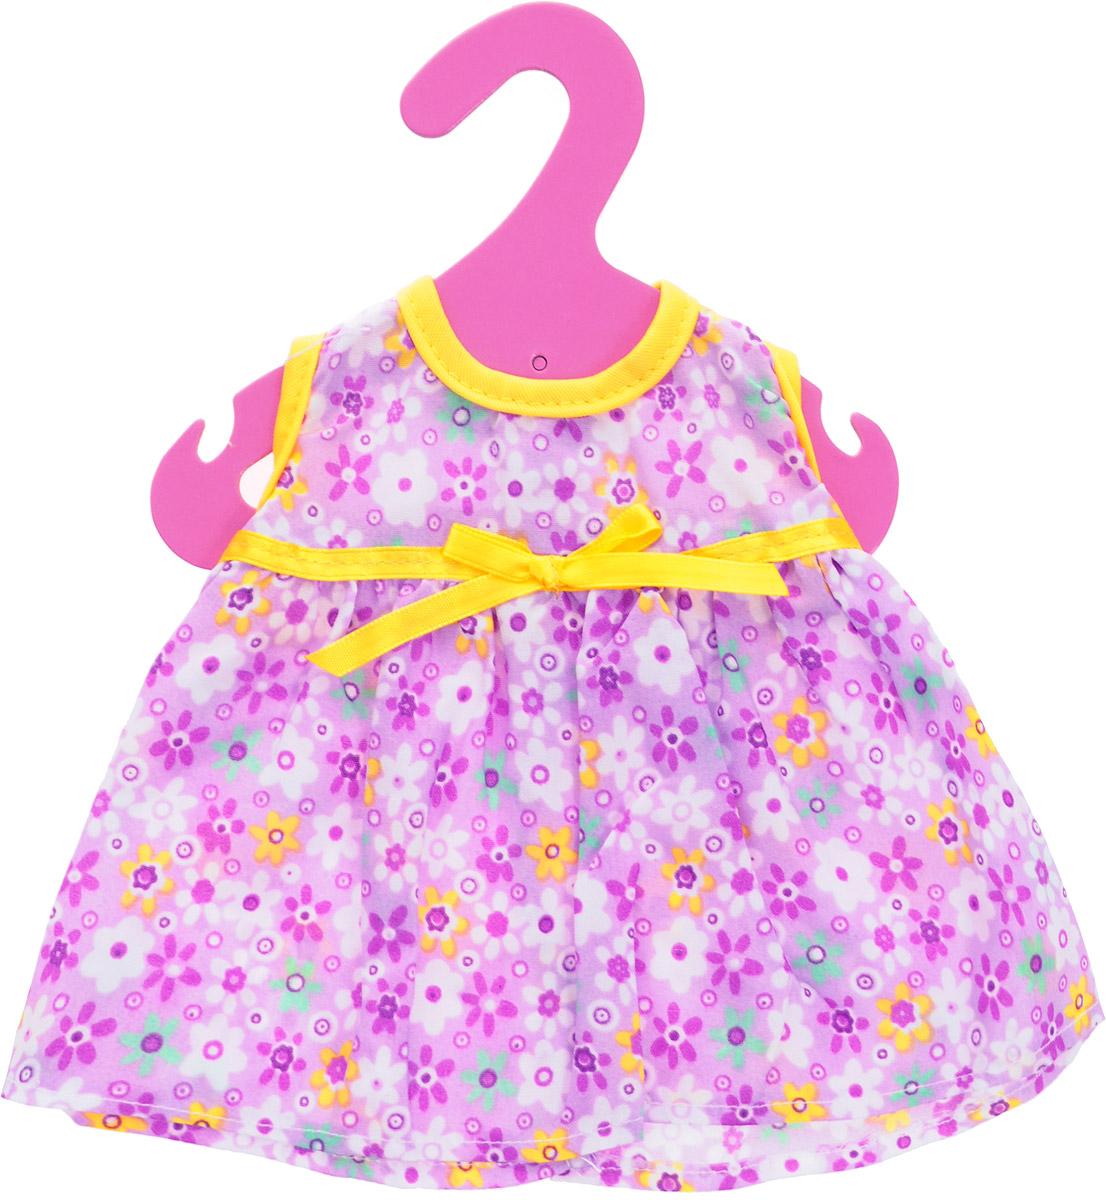 Junfa Toys Летнее платье для куклы цвет сиреневый